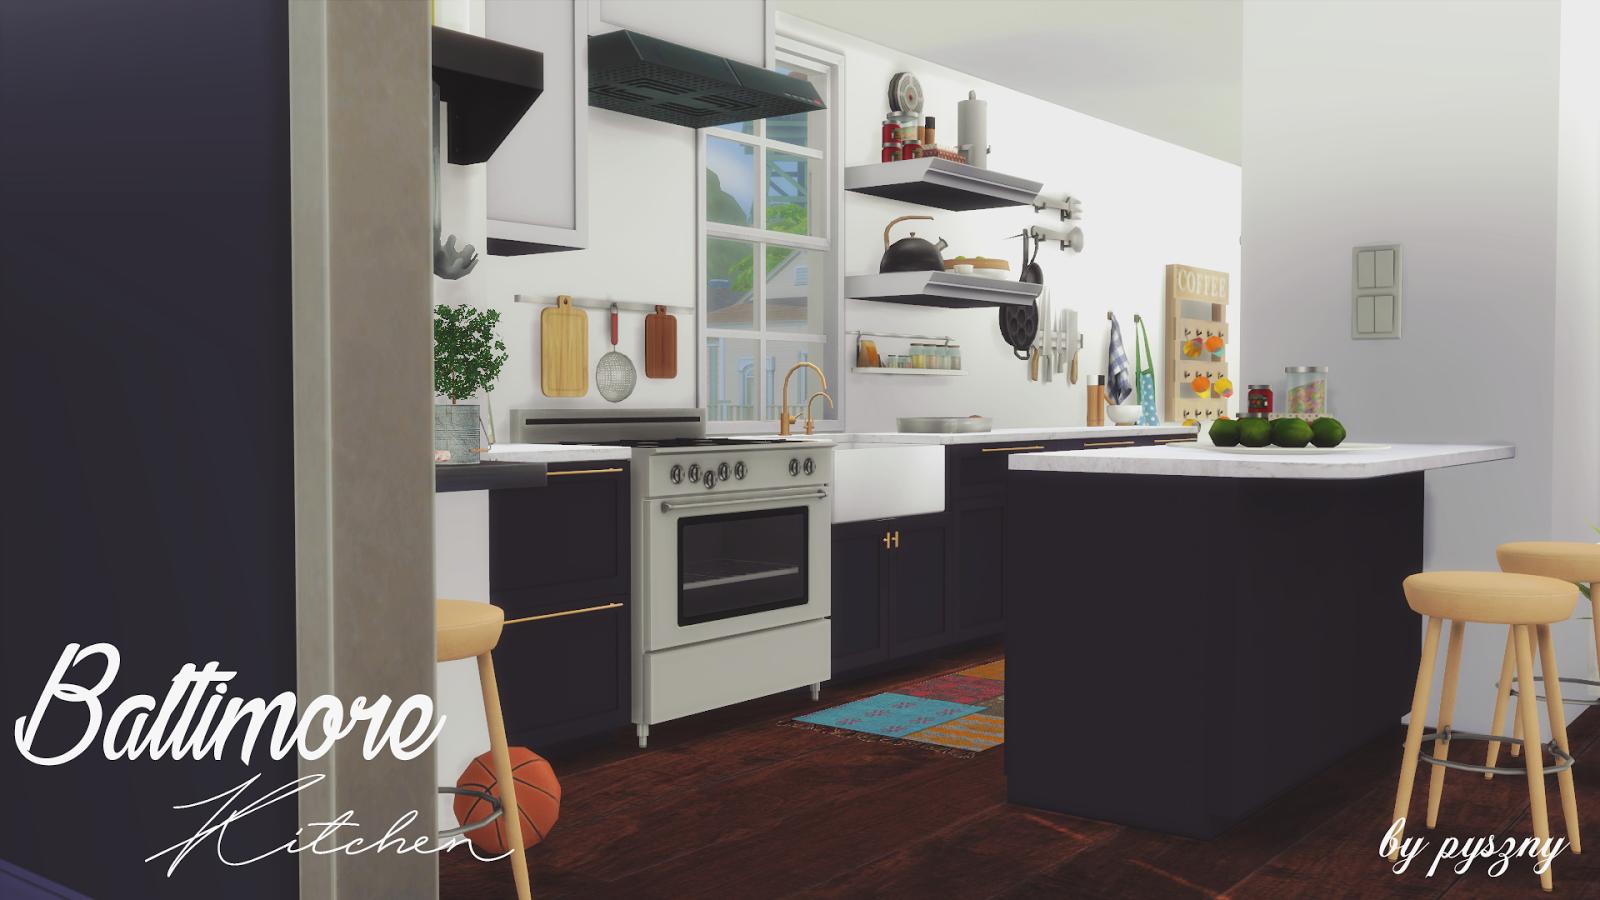 Baltimore Kitchen Updated